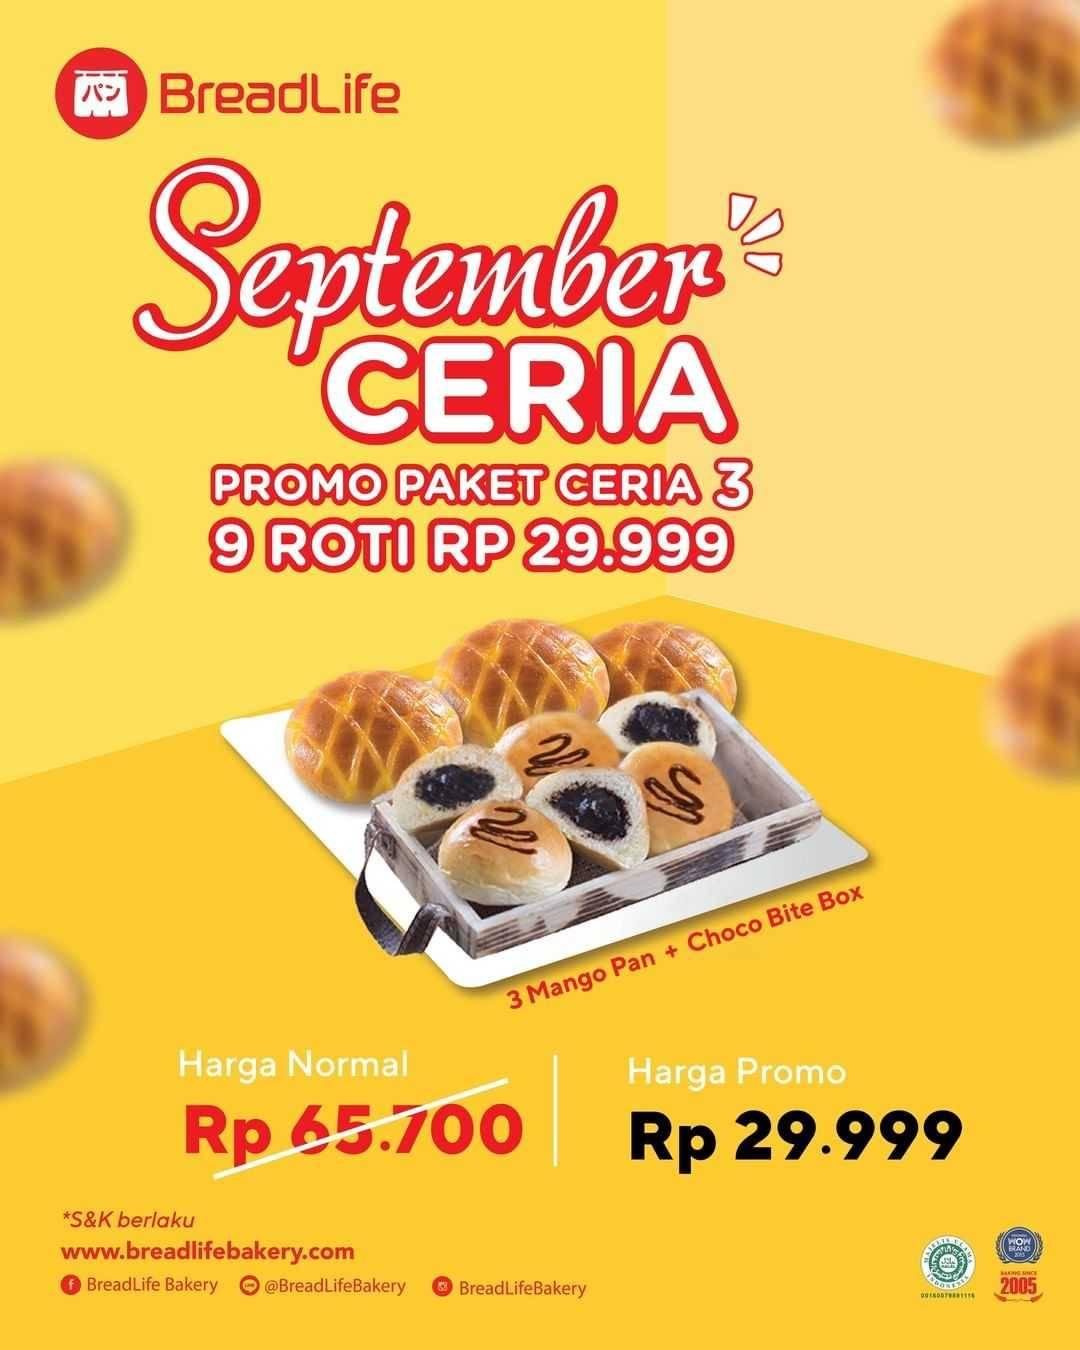 Promo diskon Breadlife Promo September Ceria - 9 Roti Hanya Rp. 29.999